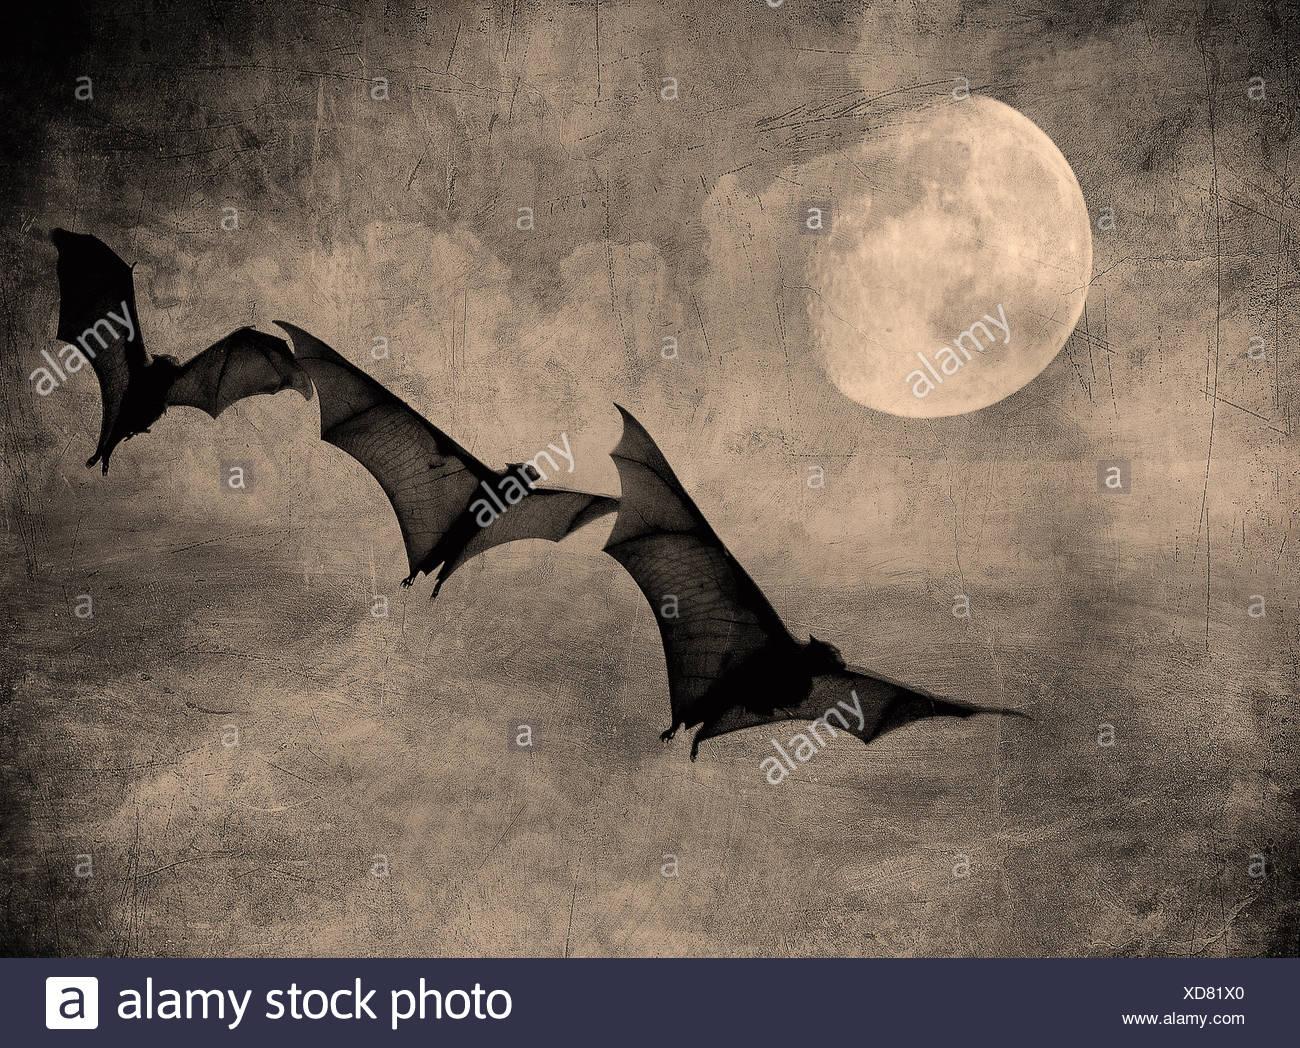 Les chauves-souris dans le sombre ciel nuageux, parfait halloween background Photo Stock